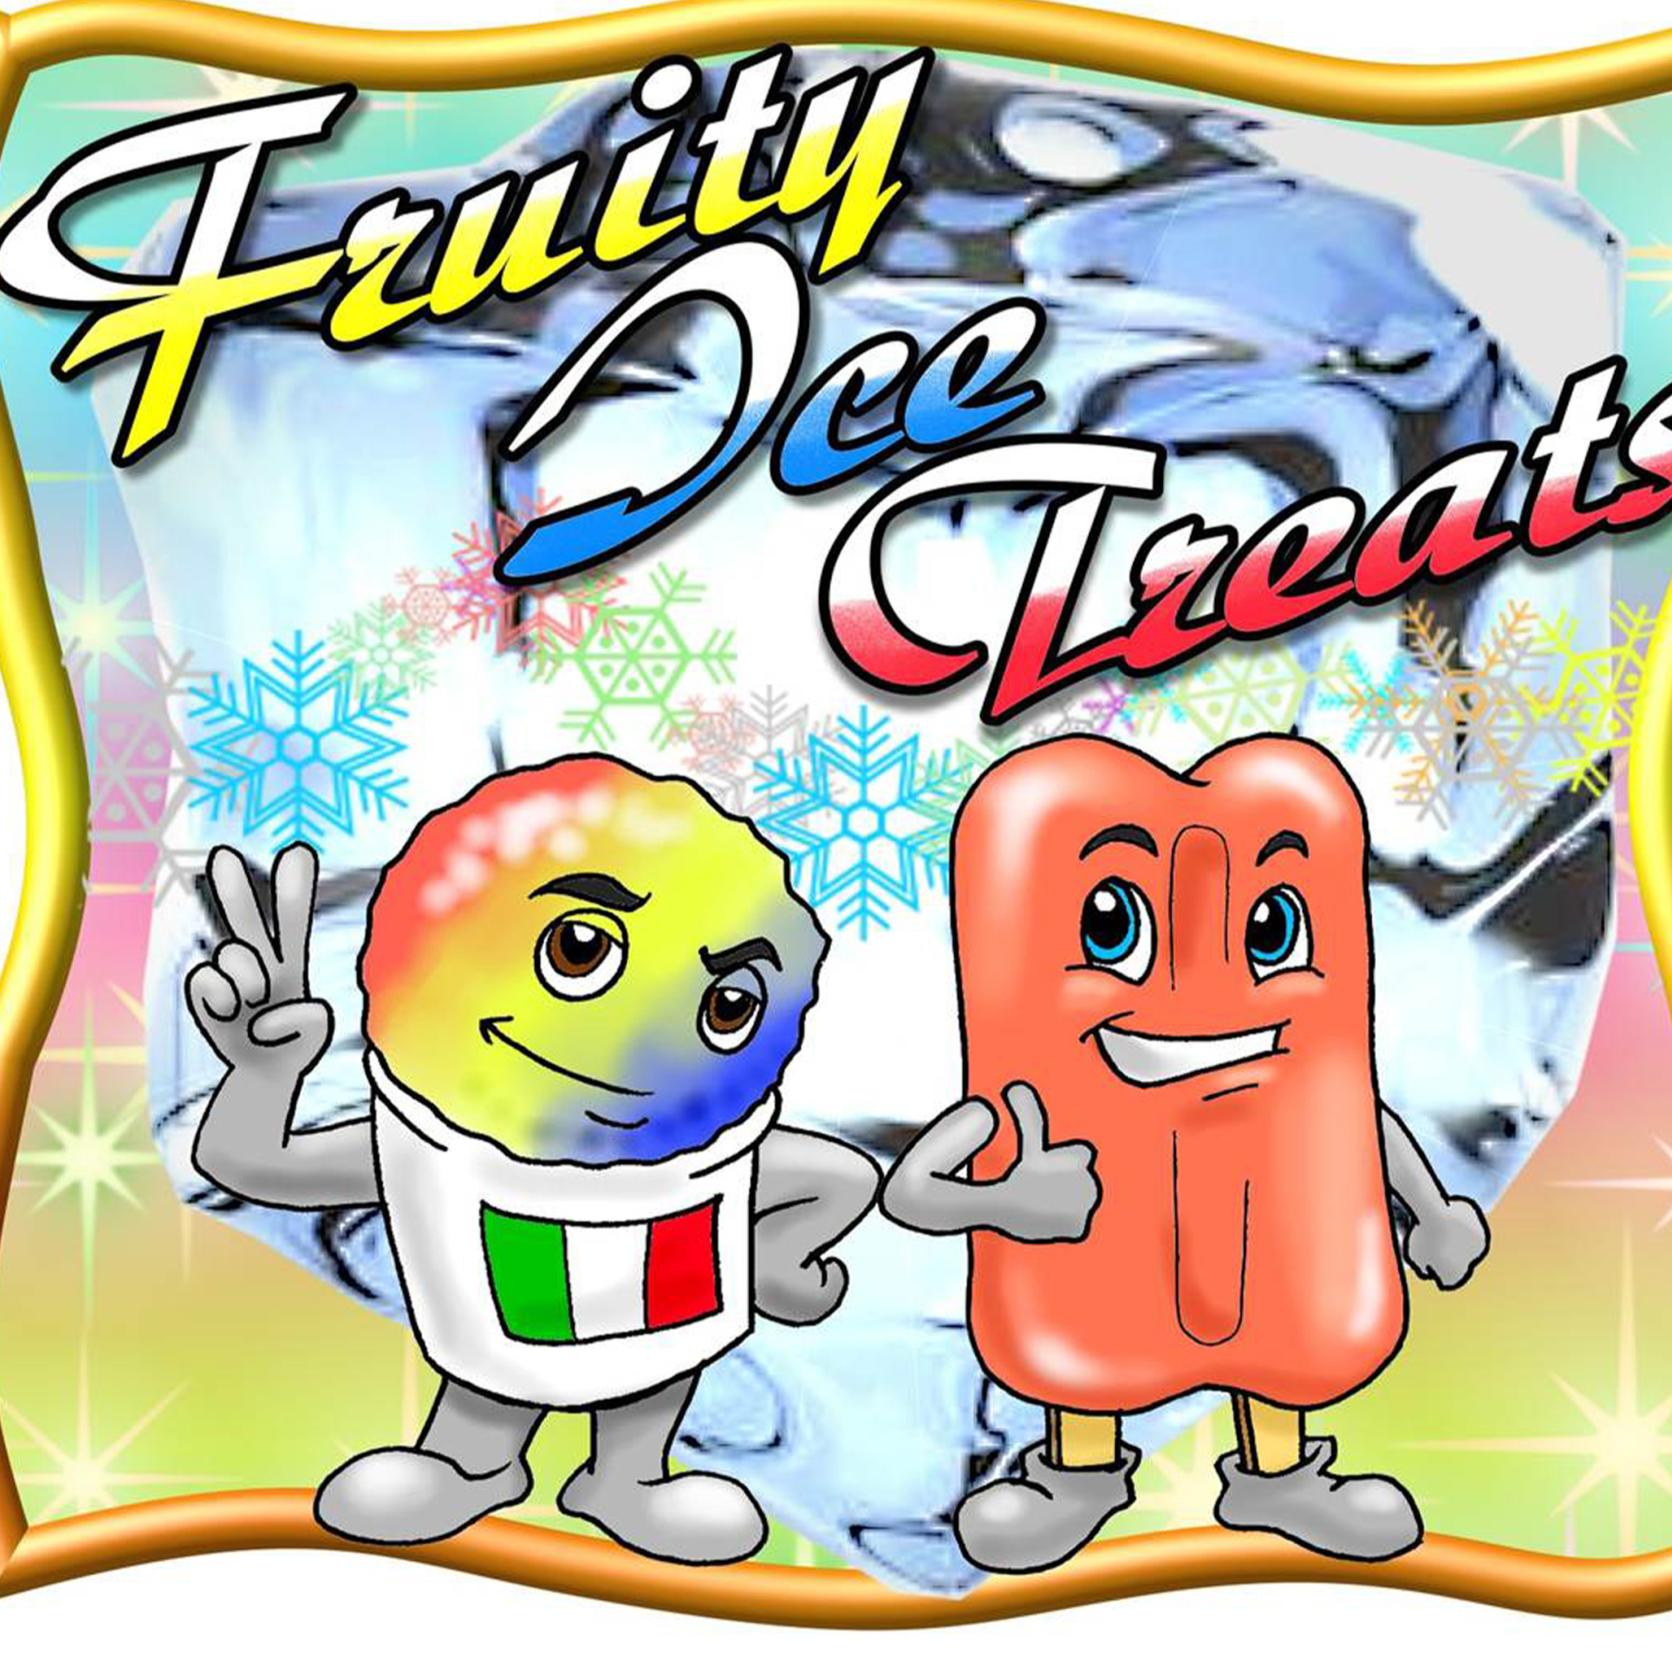 Fruity Ice and Treats